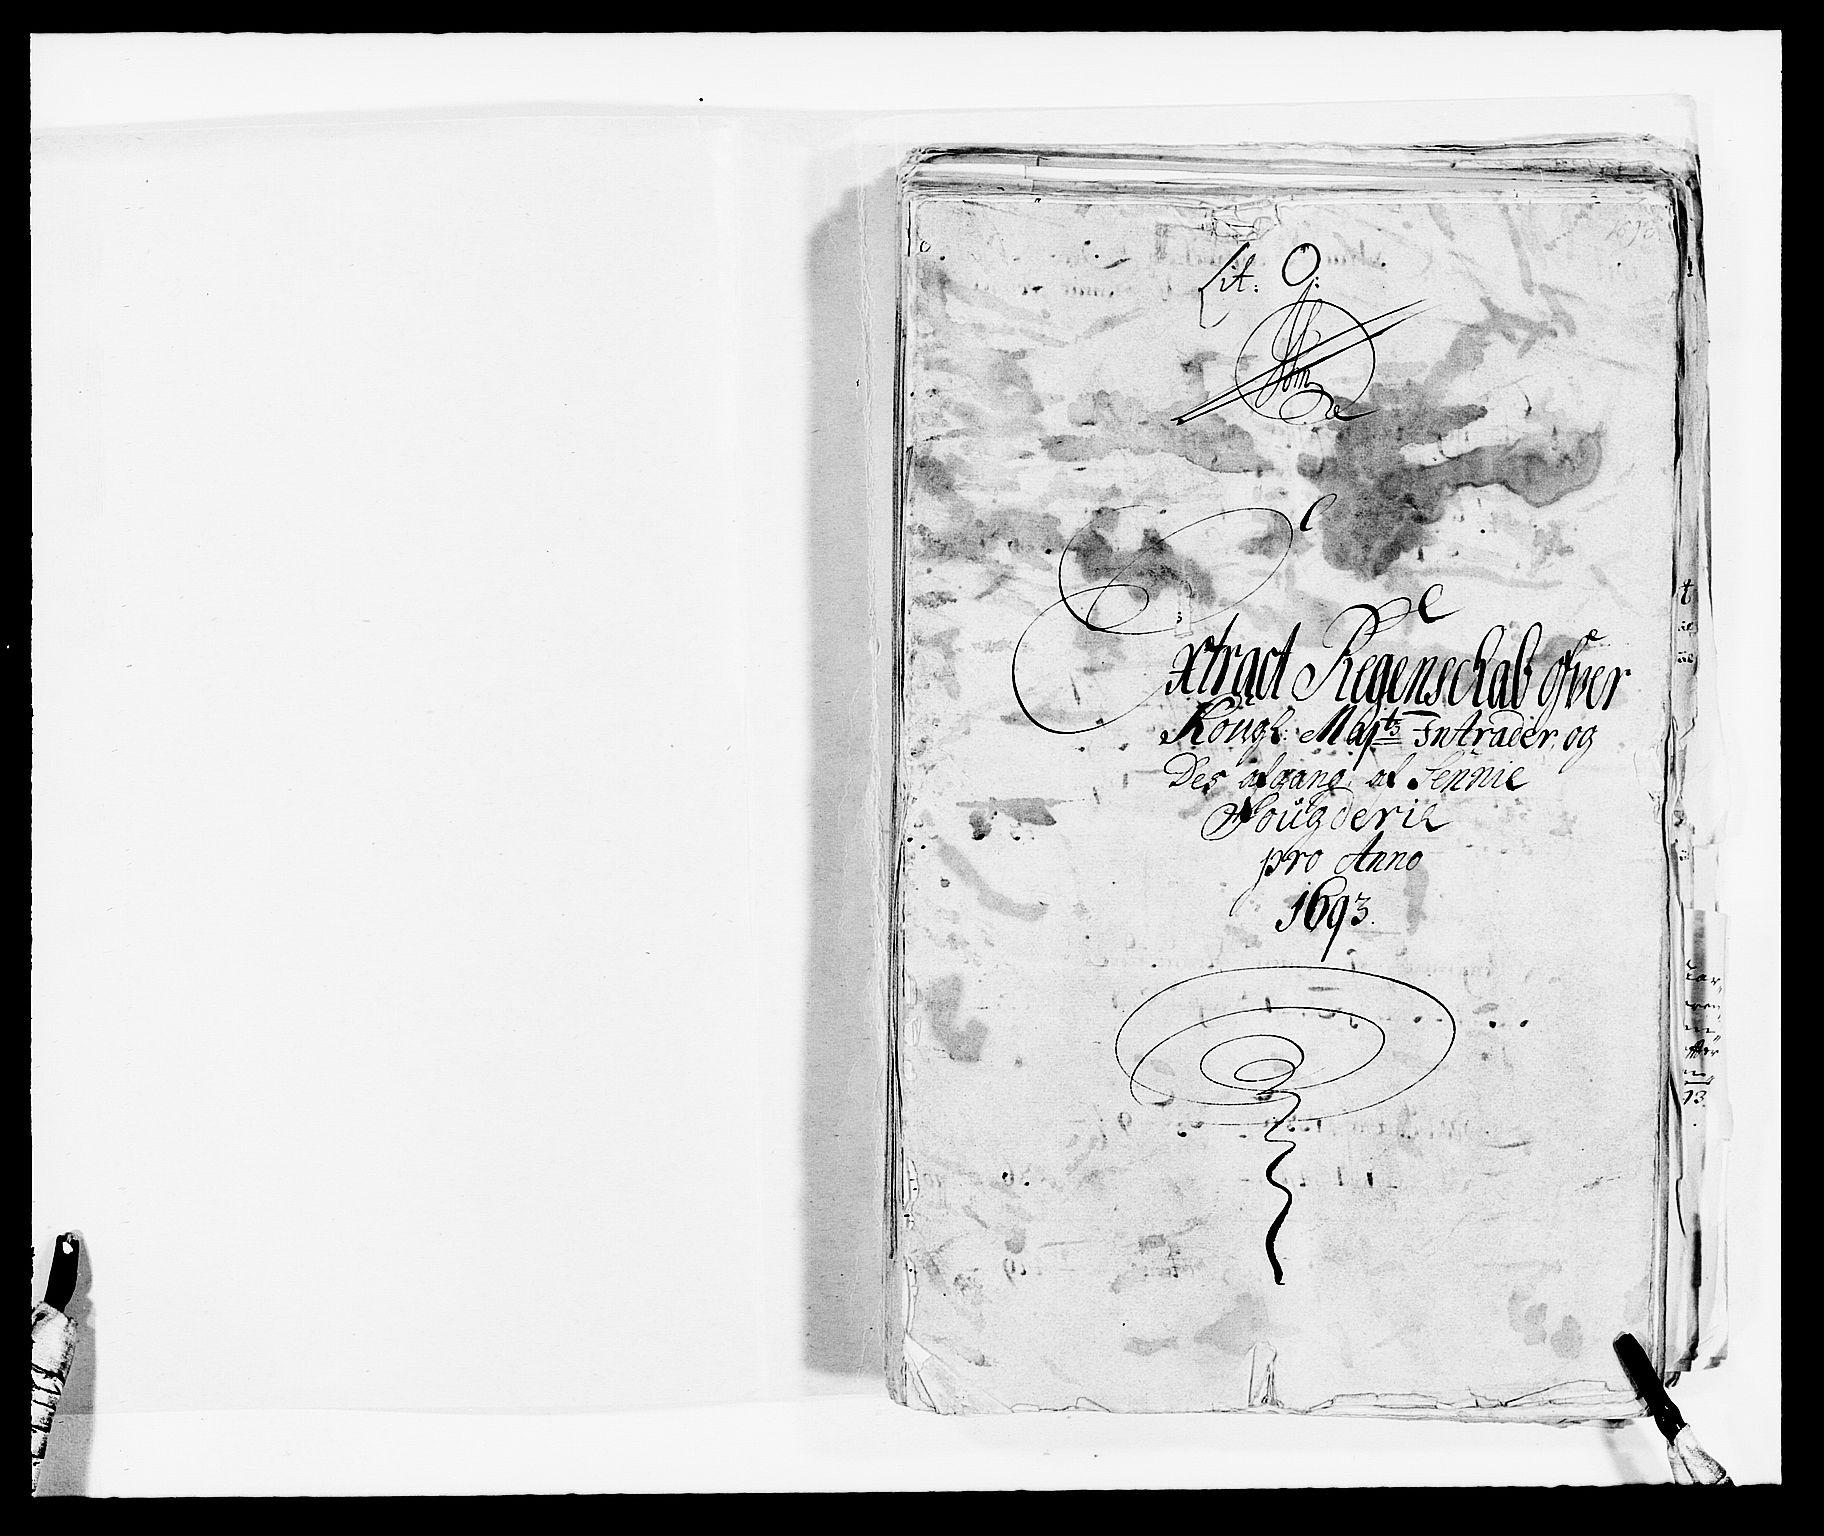 RA, Rentekammeret inntil 1814, Reviderte regnskaper, Fogderegnskap, R68/L4752: Fogderegnskap Senja og Troms, 1691-1693, s. 325